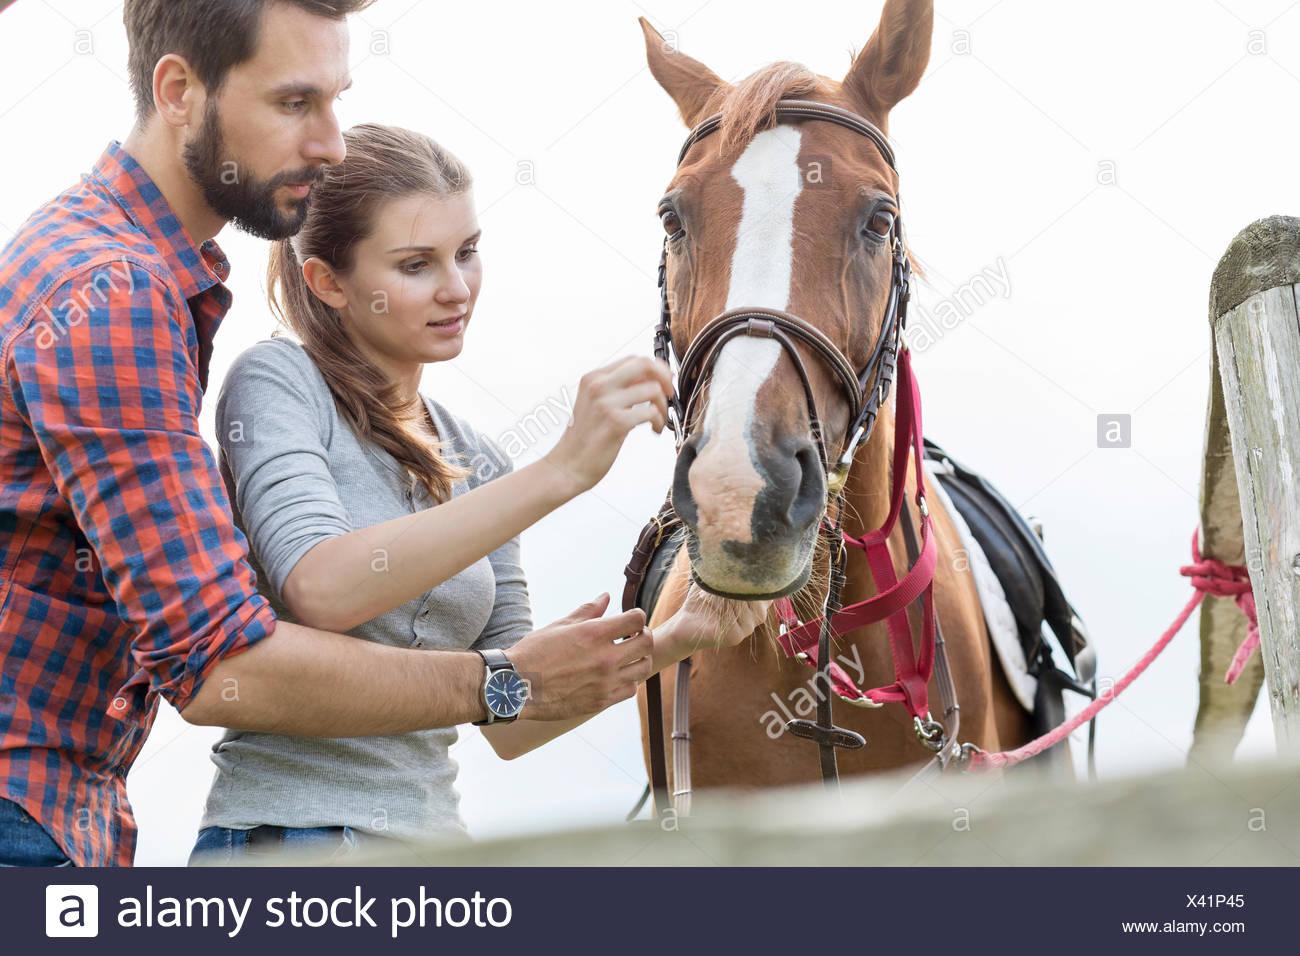 Couple adjusting bridle on horse Stock Photo